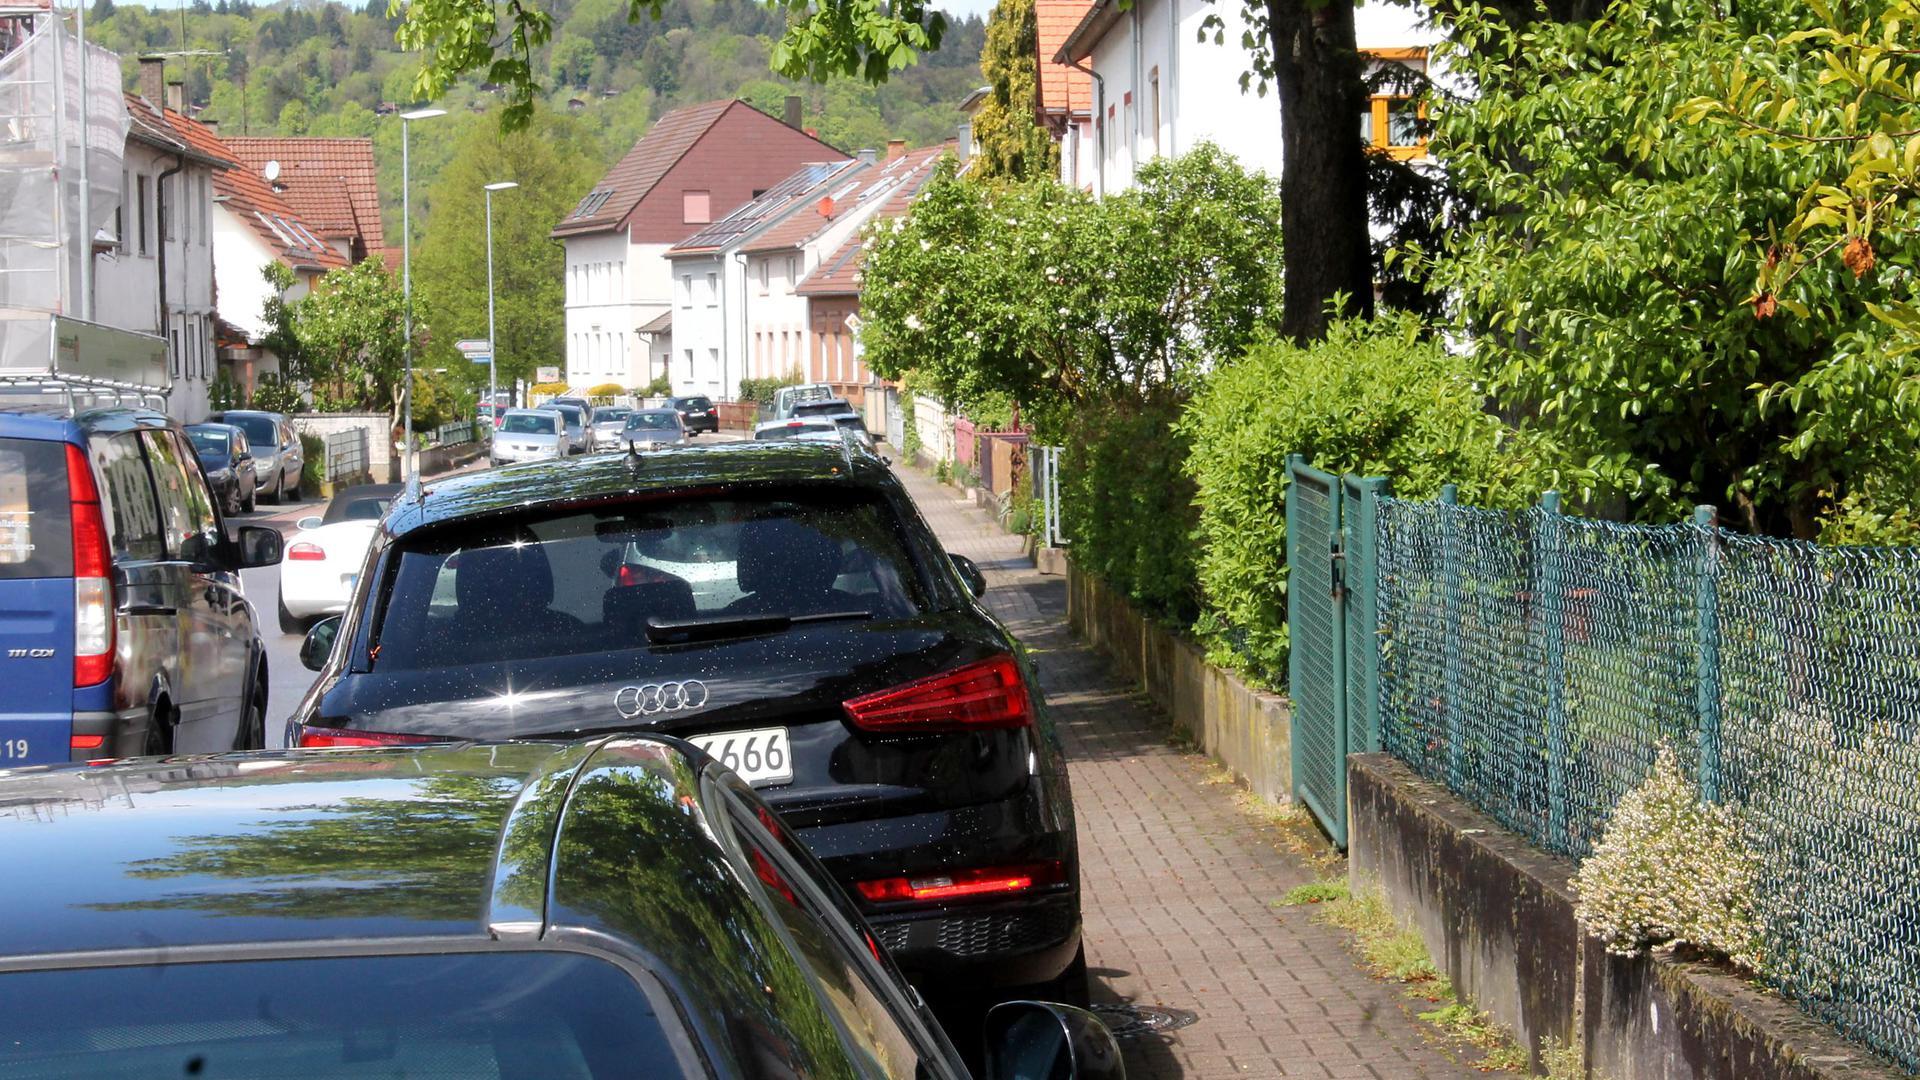 Parken auf dem Gehweg